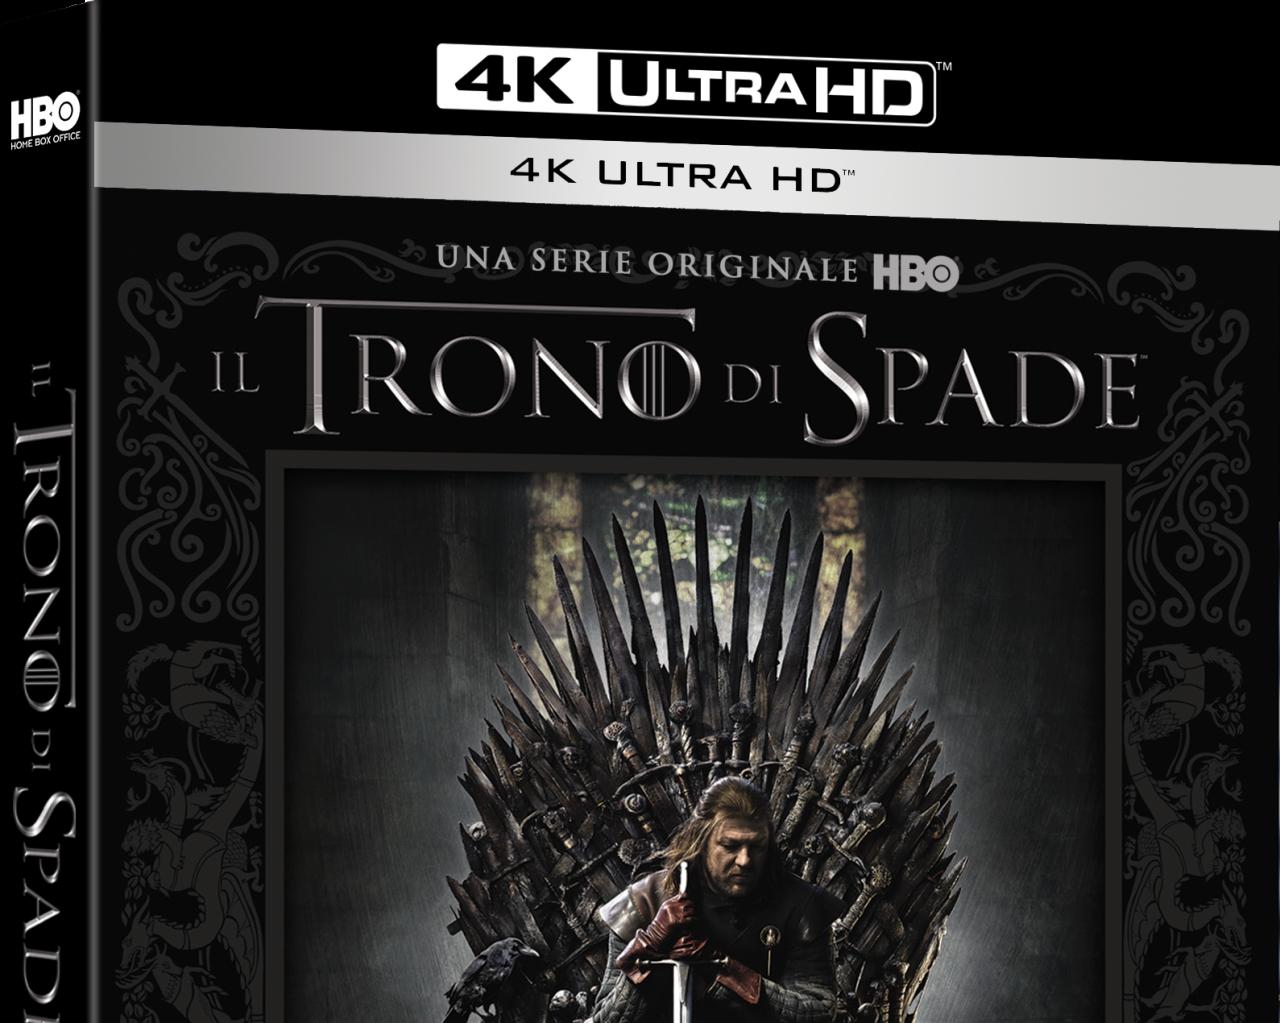 Guardate la prima stagione di Game of Thrones come non l'avete mai vista: in Blu-ray 4K Ultra HD, dal 7 giugno